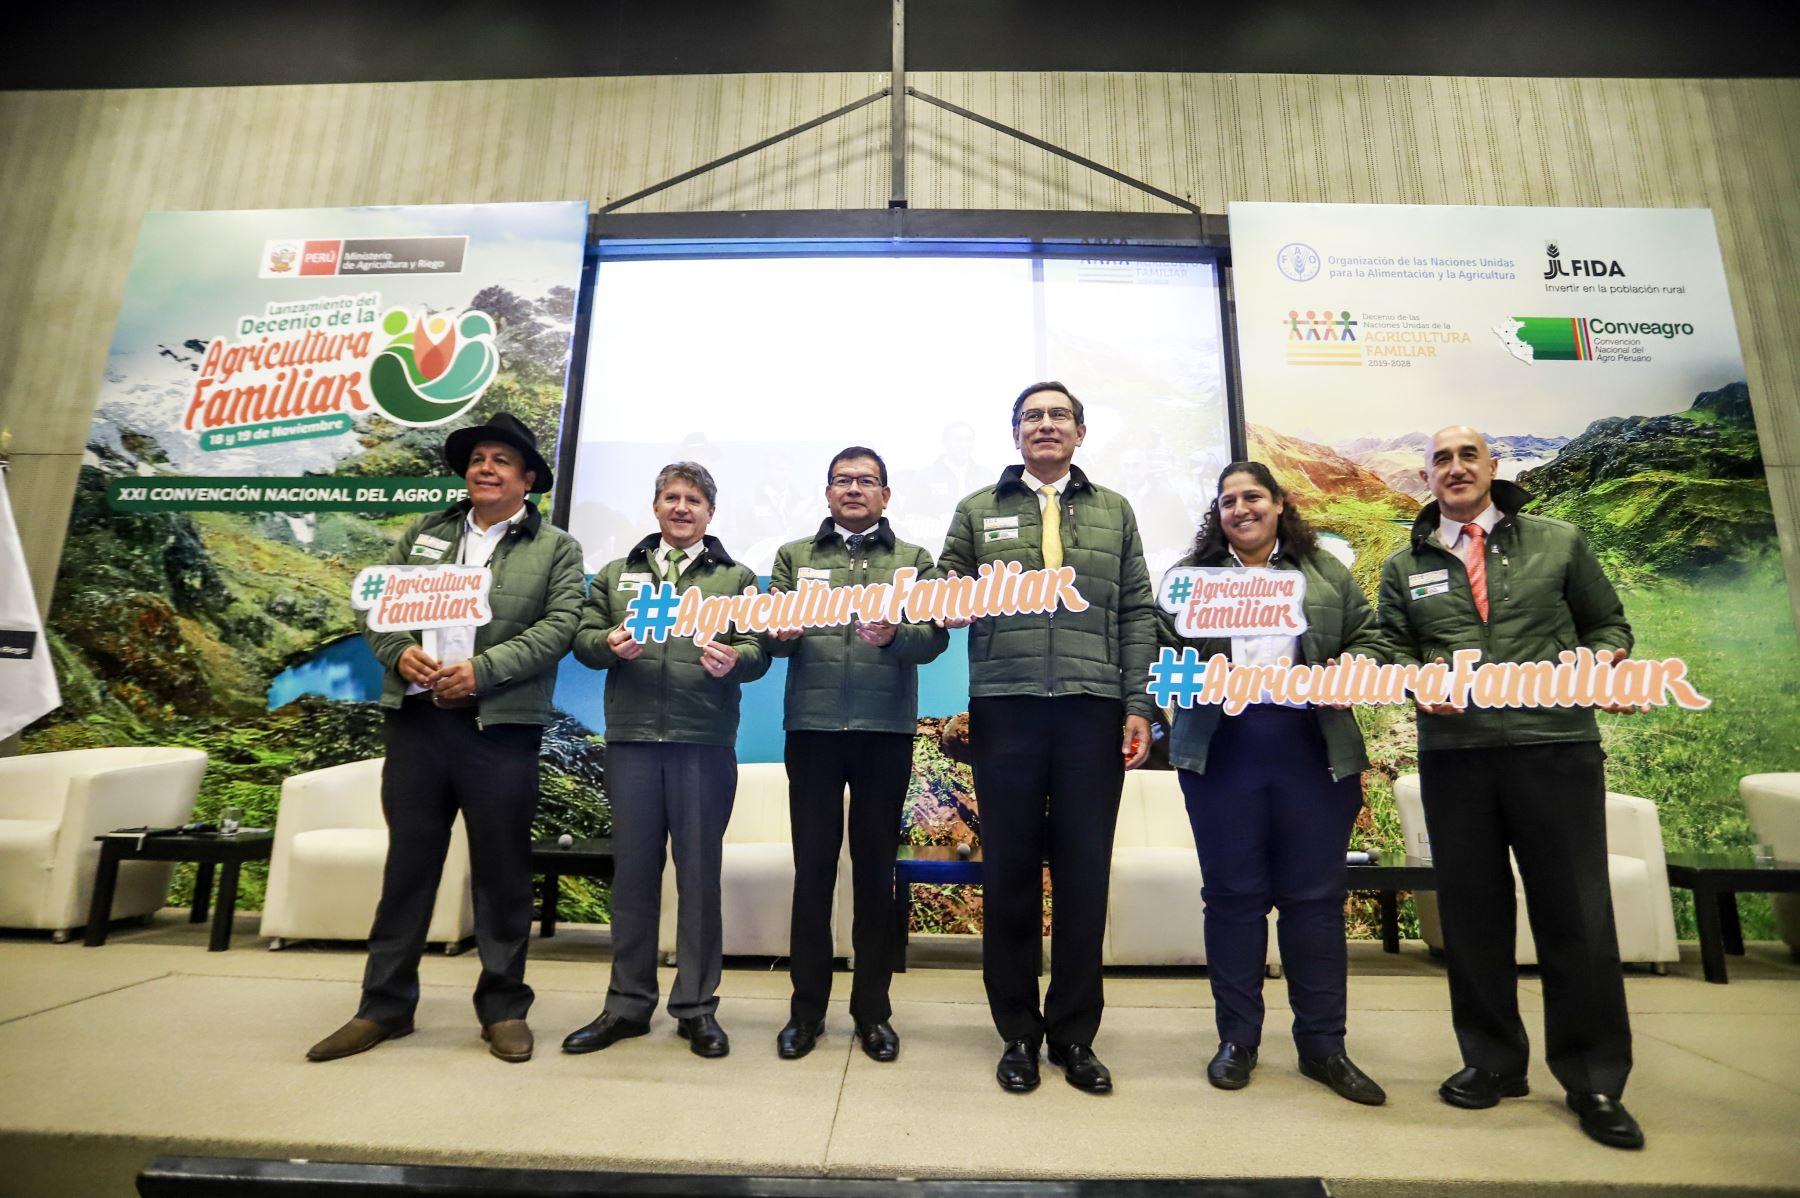 Presidente Martín Vizcarra participa en la ceremonia de lanzamiento nacional del Decenio de la Agricultura Familiar. Foto: ANDINA/ Prensa Presidencia